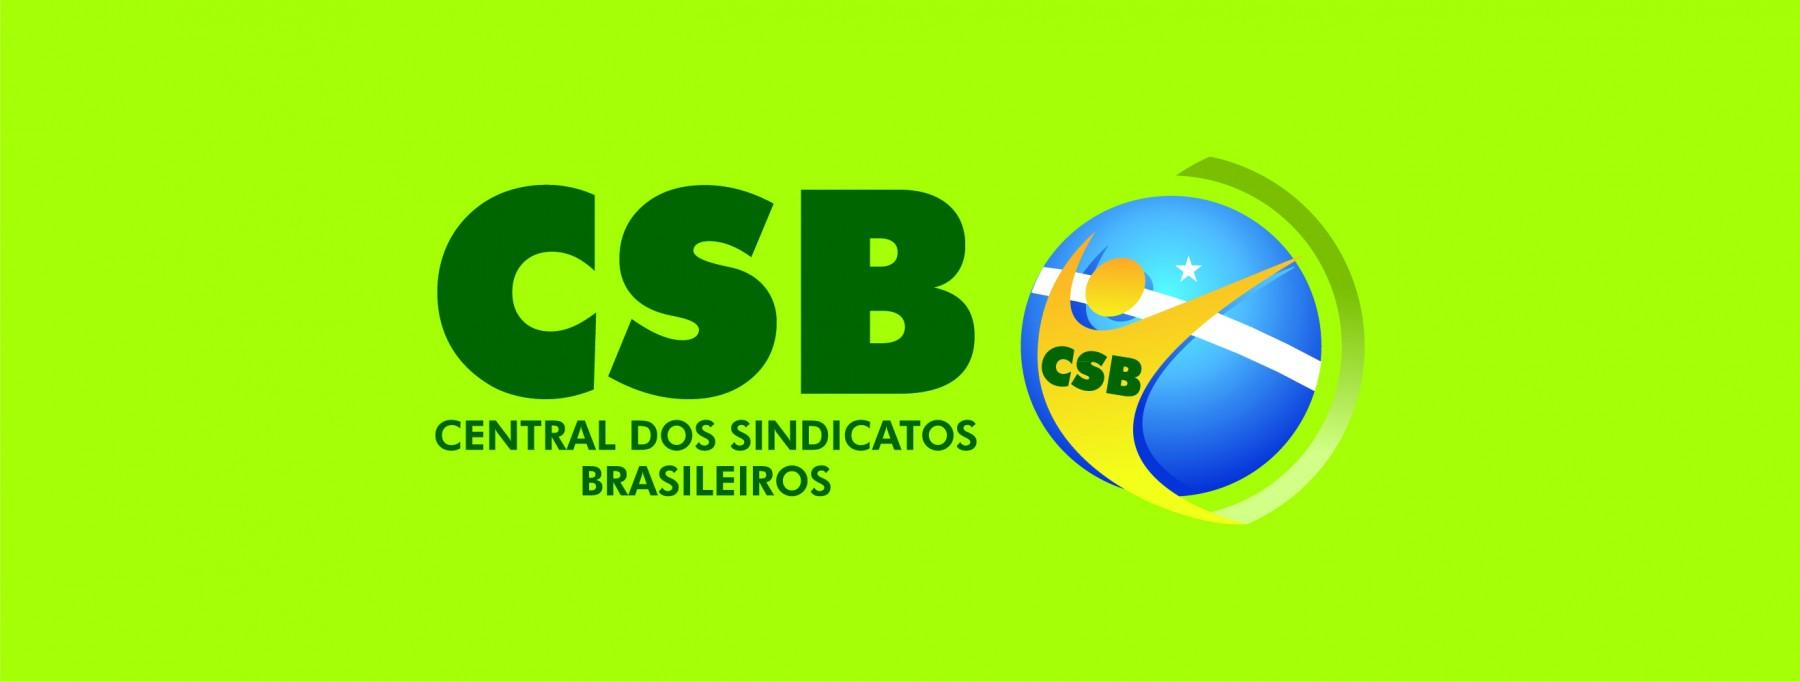 CSB - Cromia Cor fundo Cor